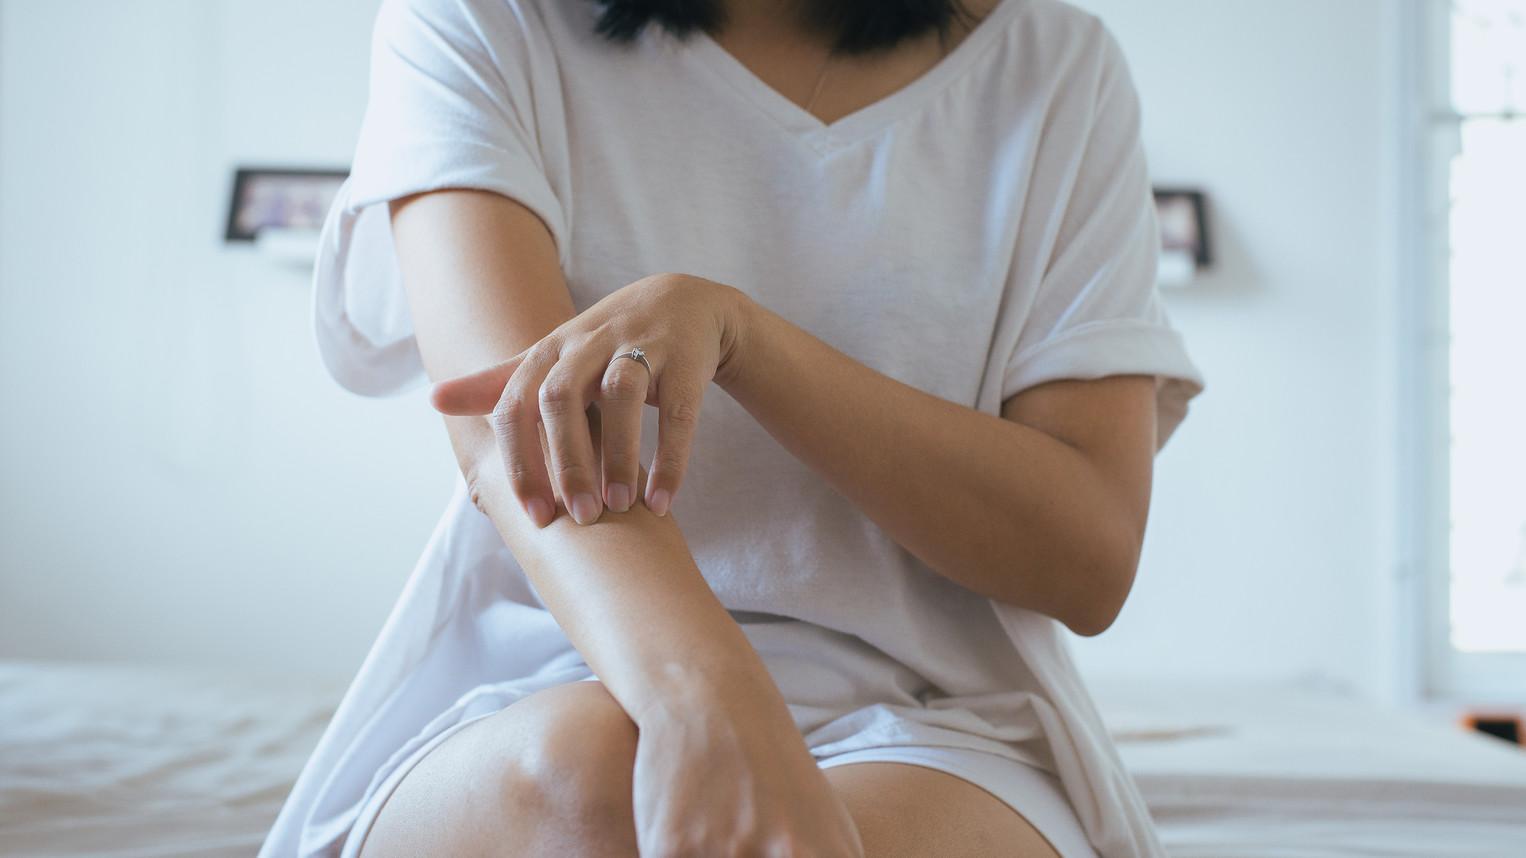 gyógyítható-e a pikkelysömör vagy sem segítsen a pikkelysömör gyógyításában